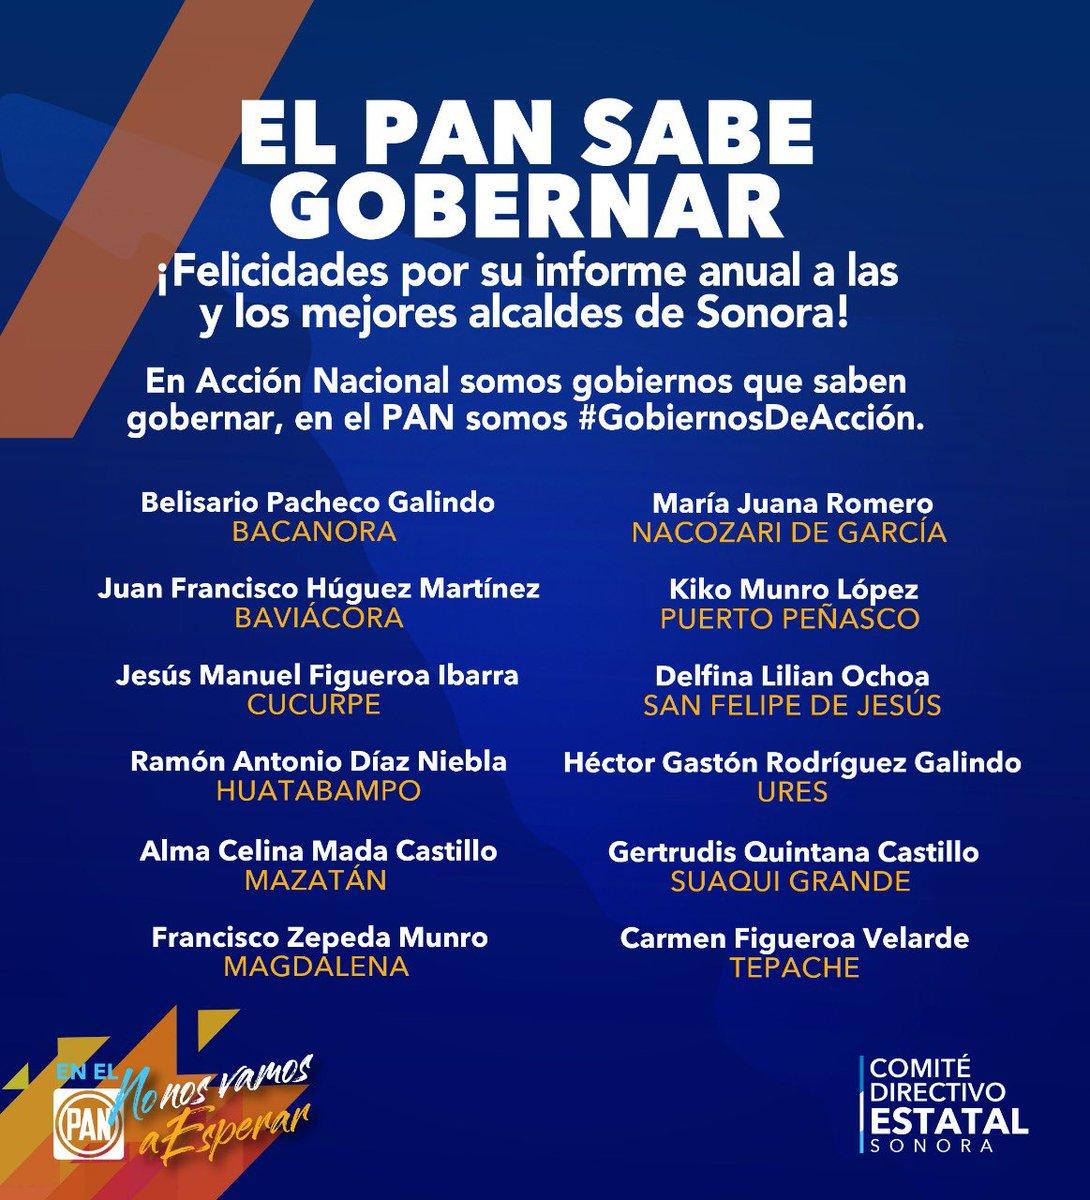 Los #GobiernosDeAcción son los mejores para gobernar, mejores resultados y en el #PANSonora lo decimos con orgullo y fuerza ¡Si hay de otra!  #NoNosVamosAEsperar  ¡Felicidades por su informe anual a las y los mejores Alcaldes de Sonora! https://t.co/y7TuF5WbBp